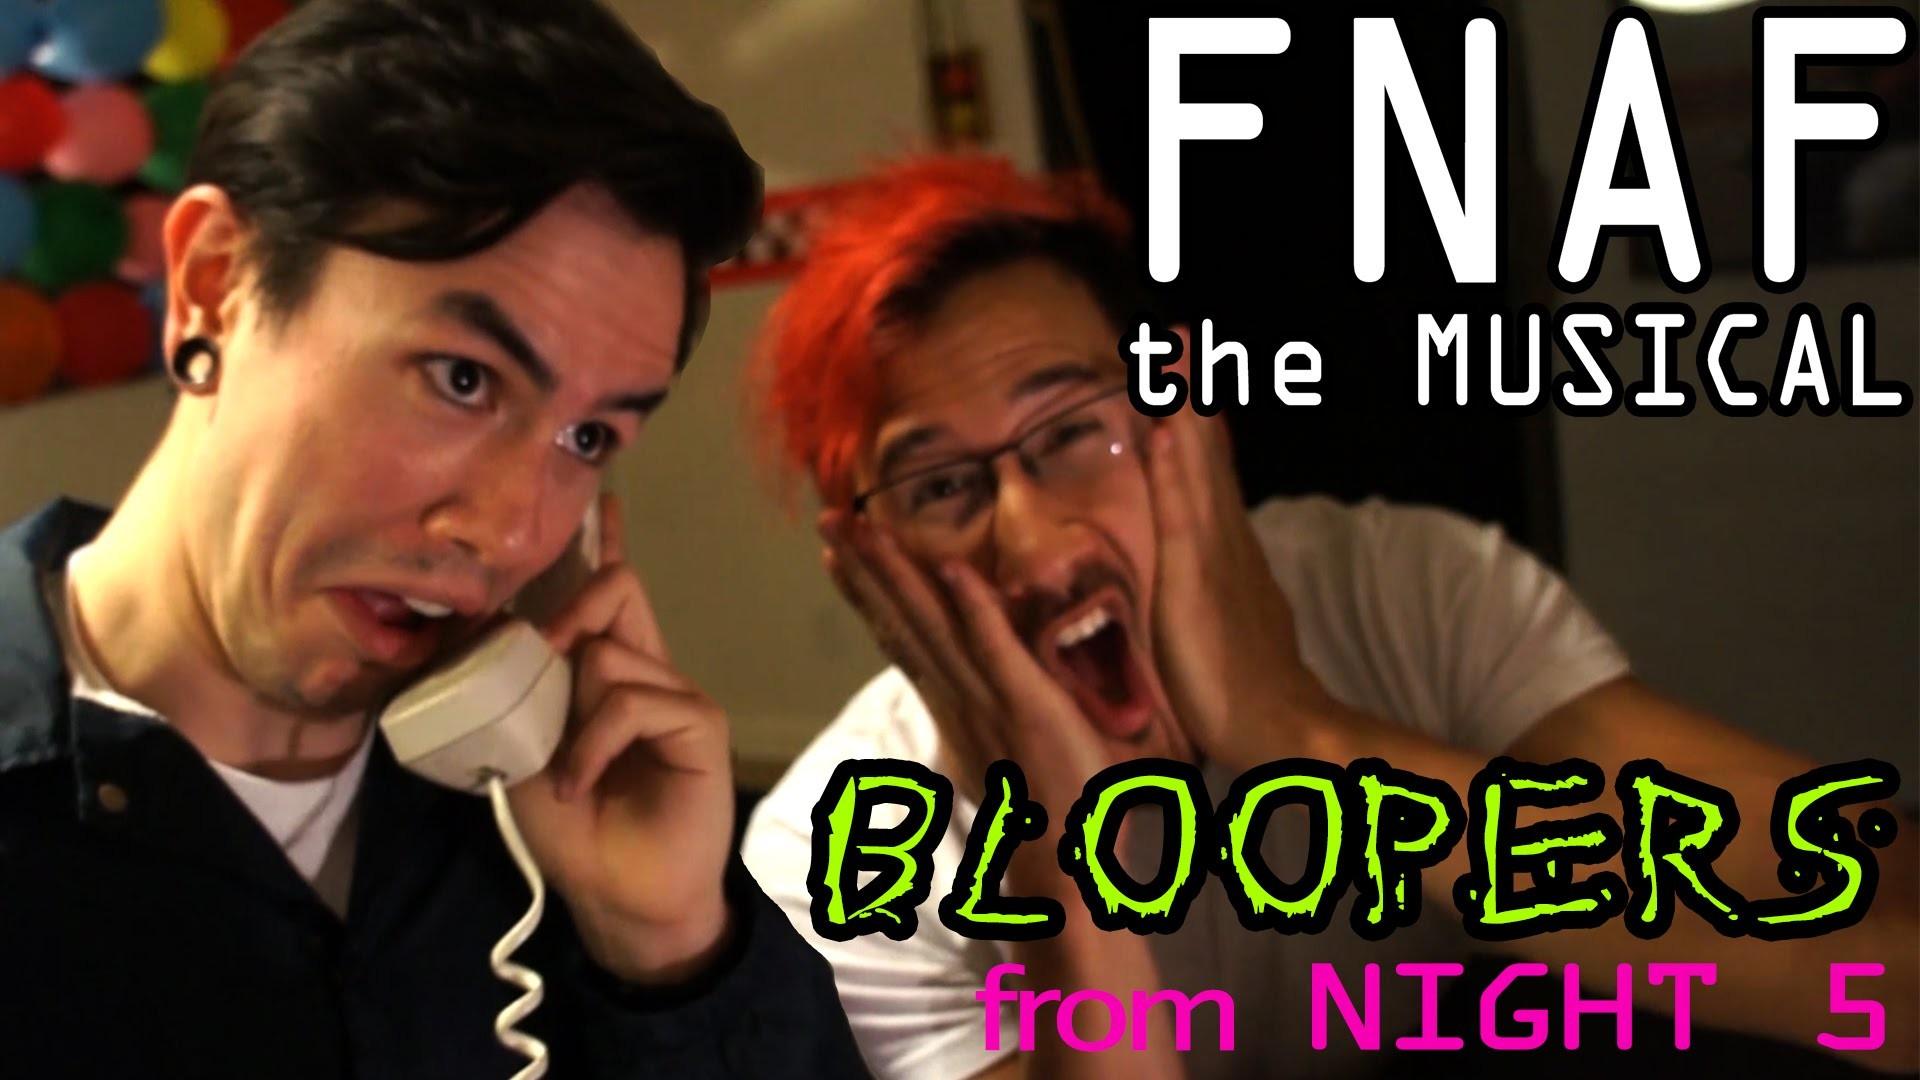 FNAF The Musical Night 5 **BLOOPERS!** (Markiplier, NateWantsToBattle,  MatPat and Random Encounters) – YouTube